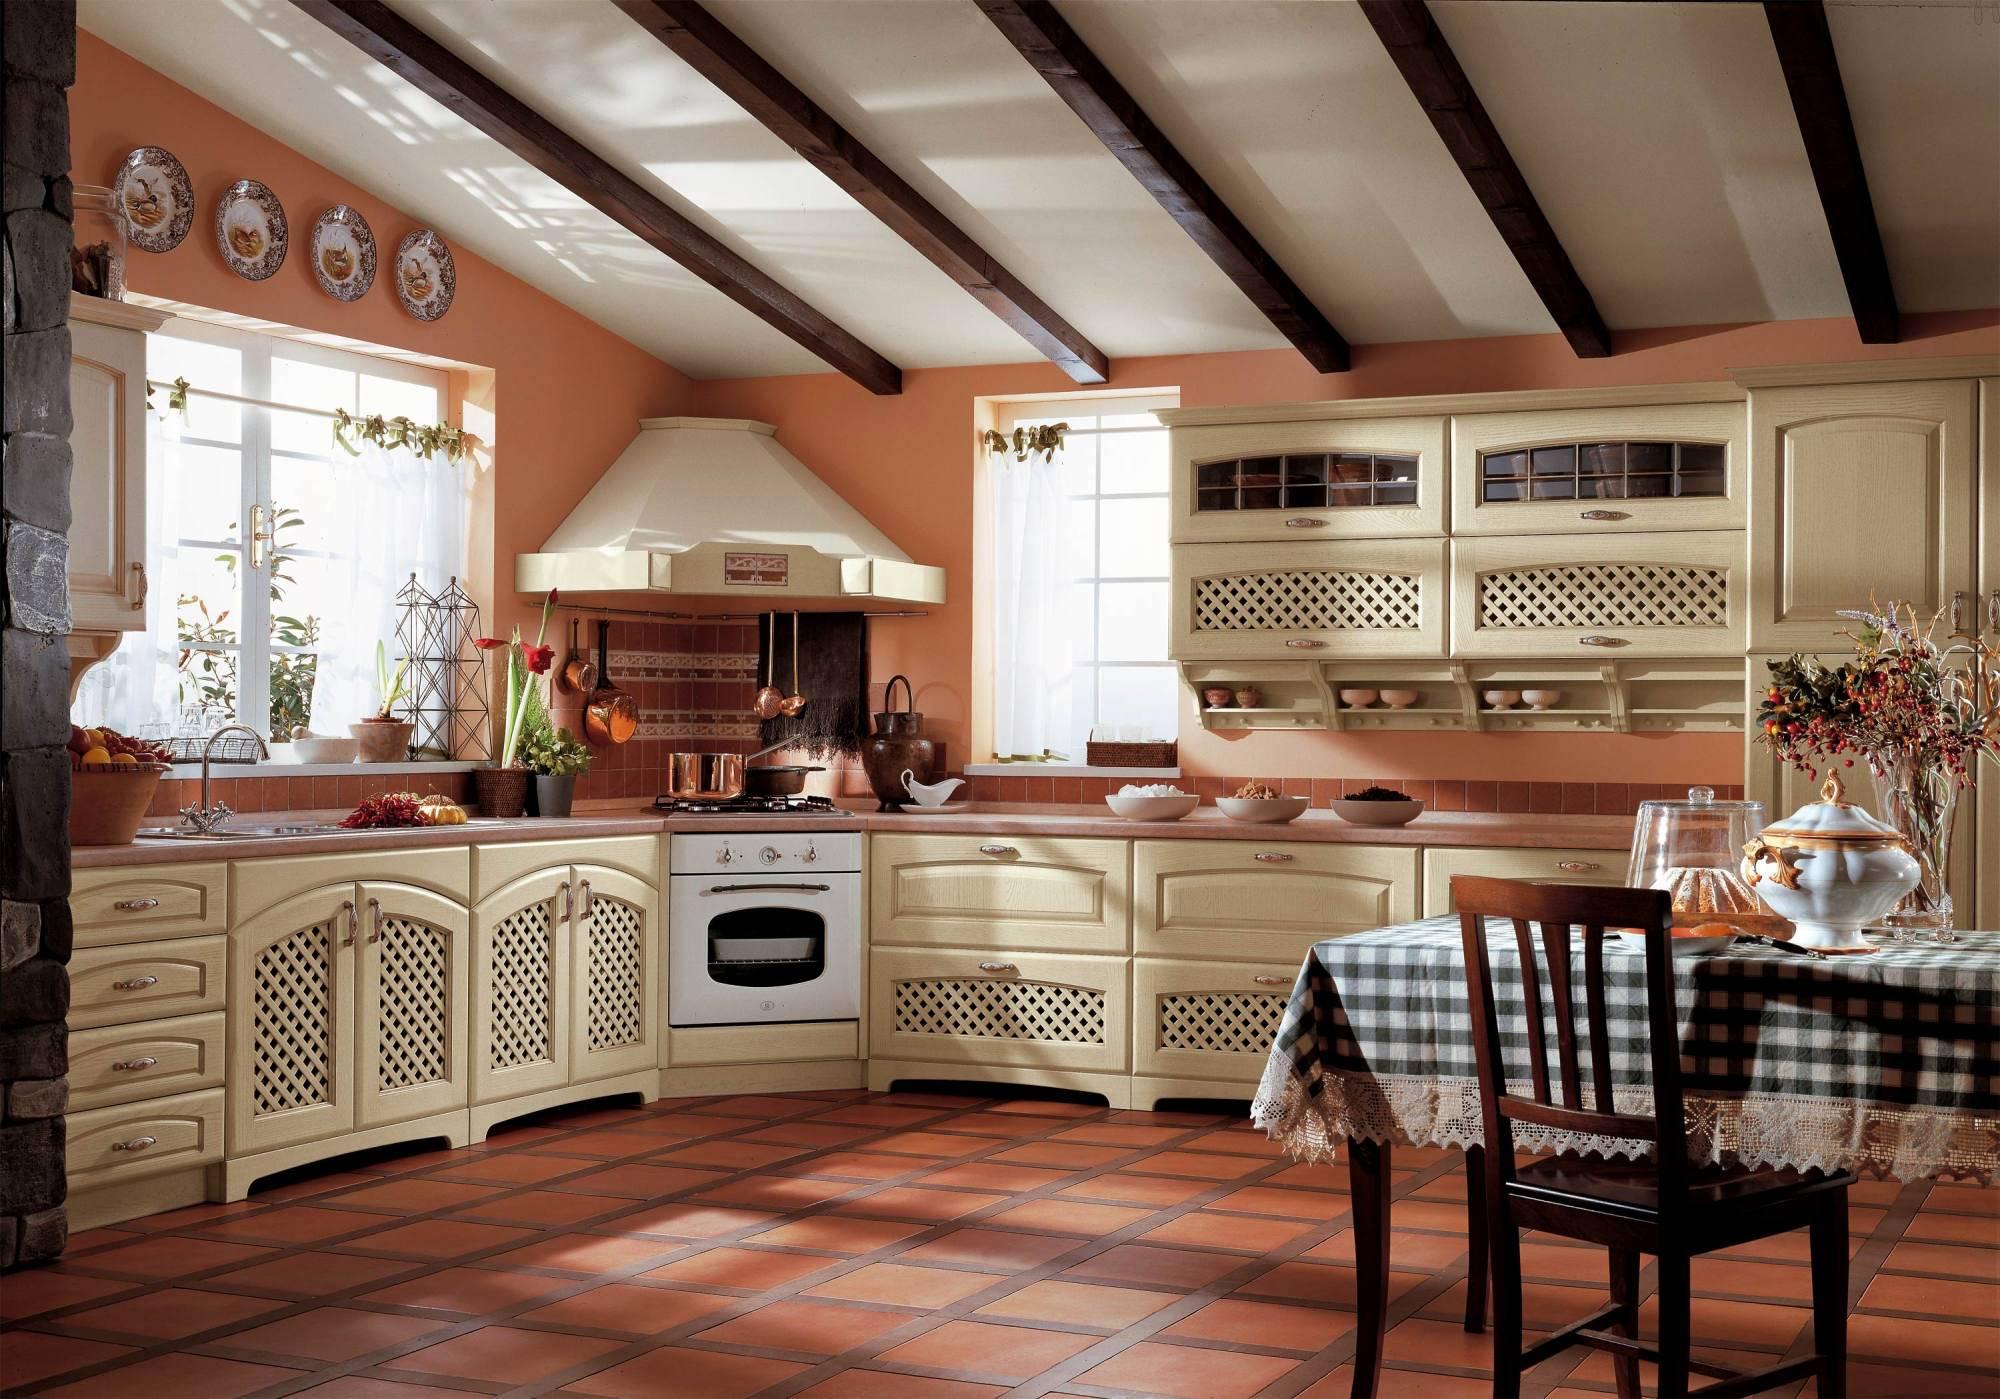 Prodotti - Cucine componibili basso costo ...